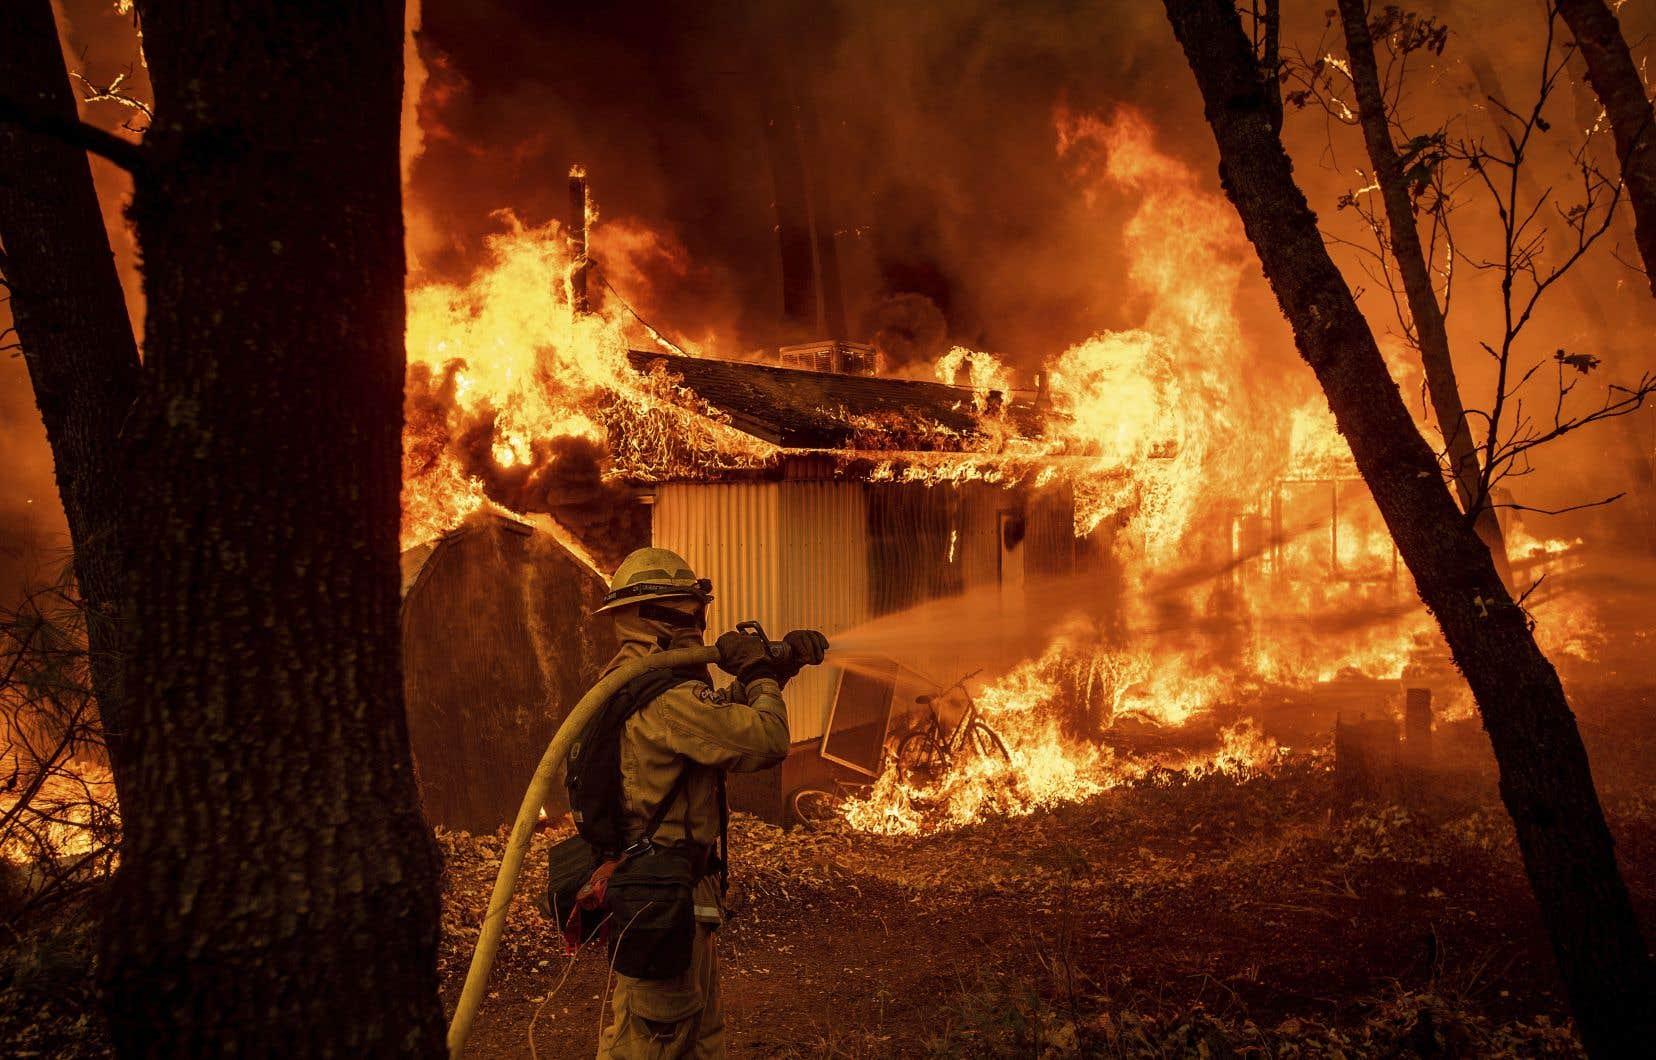 Un pompier tente d'éteindre le feu qui ravage une résidence de Magalia, en Californie.